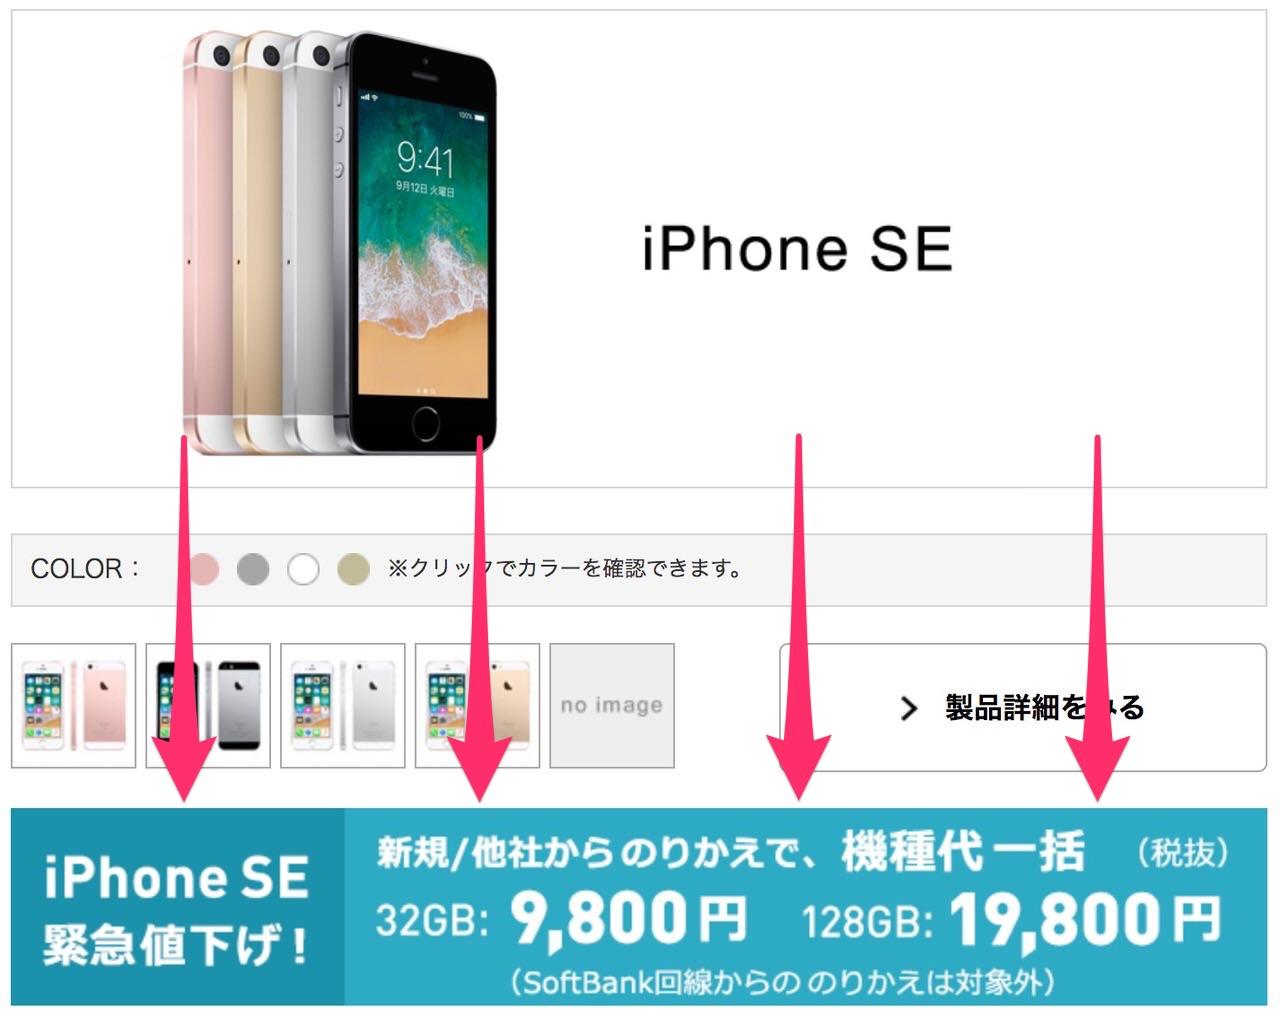 ワイモバイル「iPhone SE」新規・乗り換えで一括9,800円(32GB)に緊急値下げ